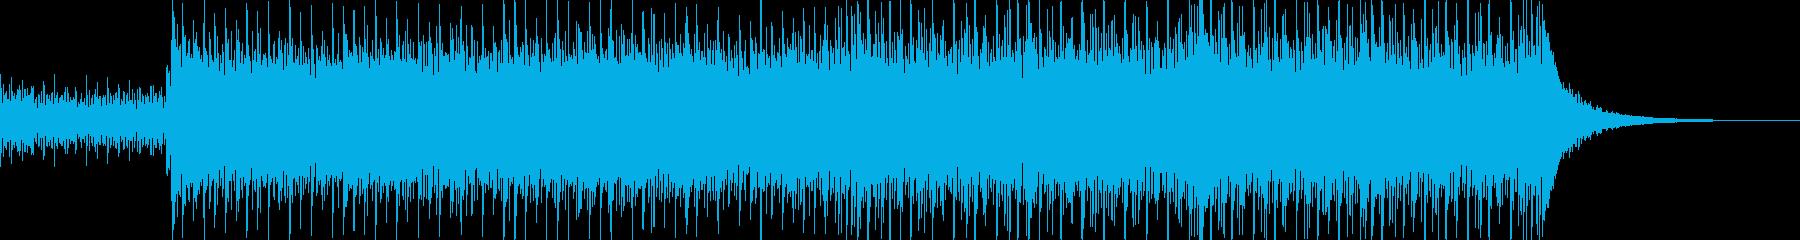 creo_leo_bgm44の再生済みの波形